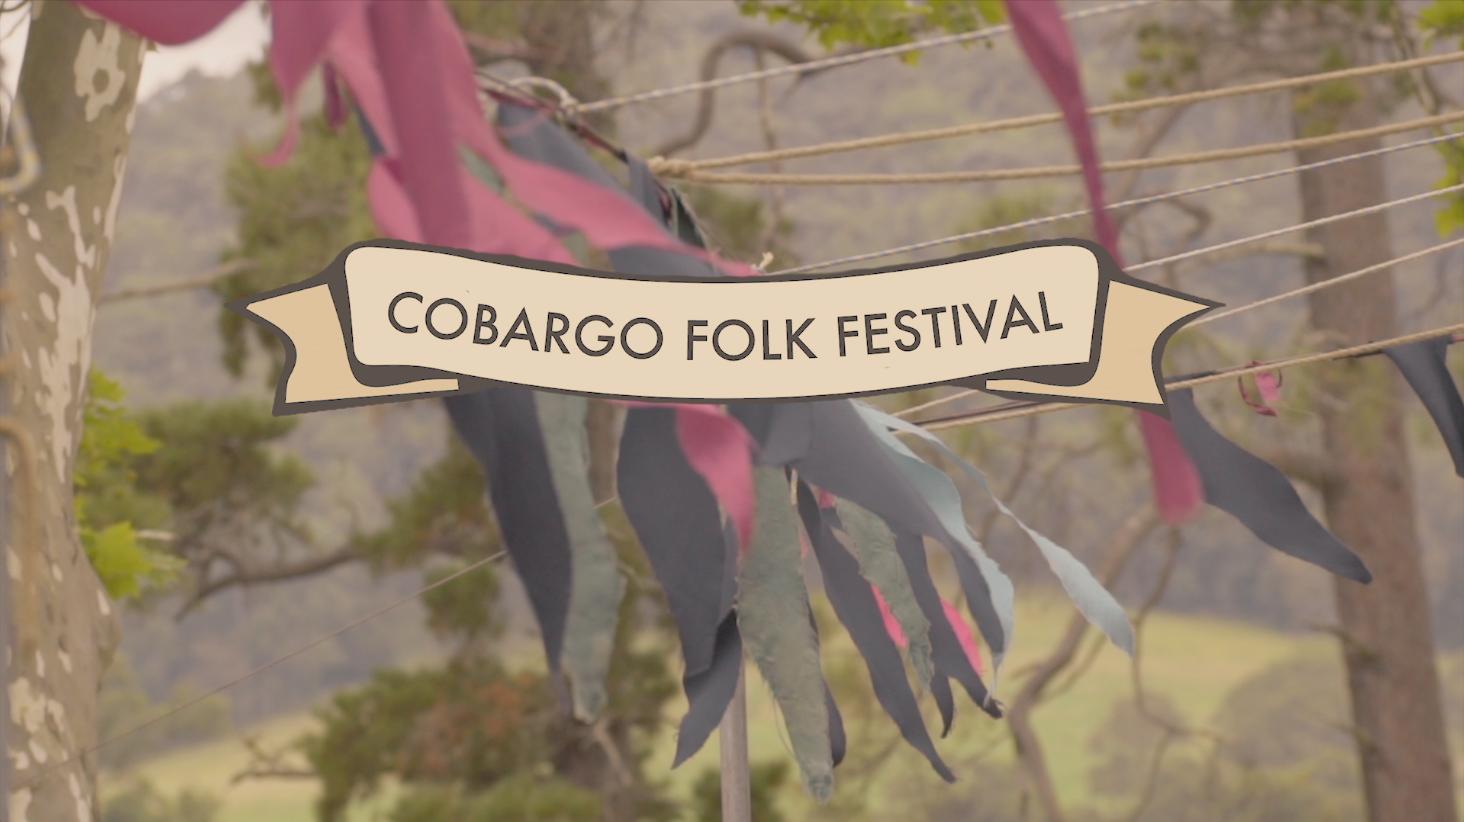 COBARGO FOLK FESTIVAL - EVENT – COBARGO NSW